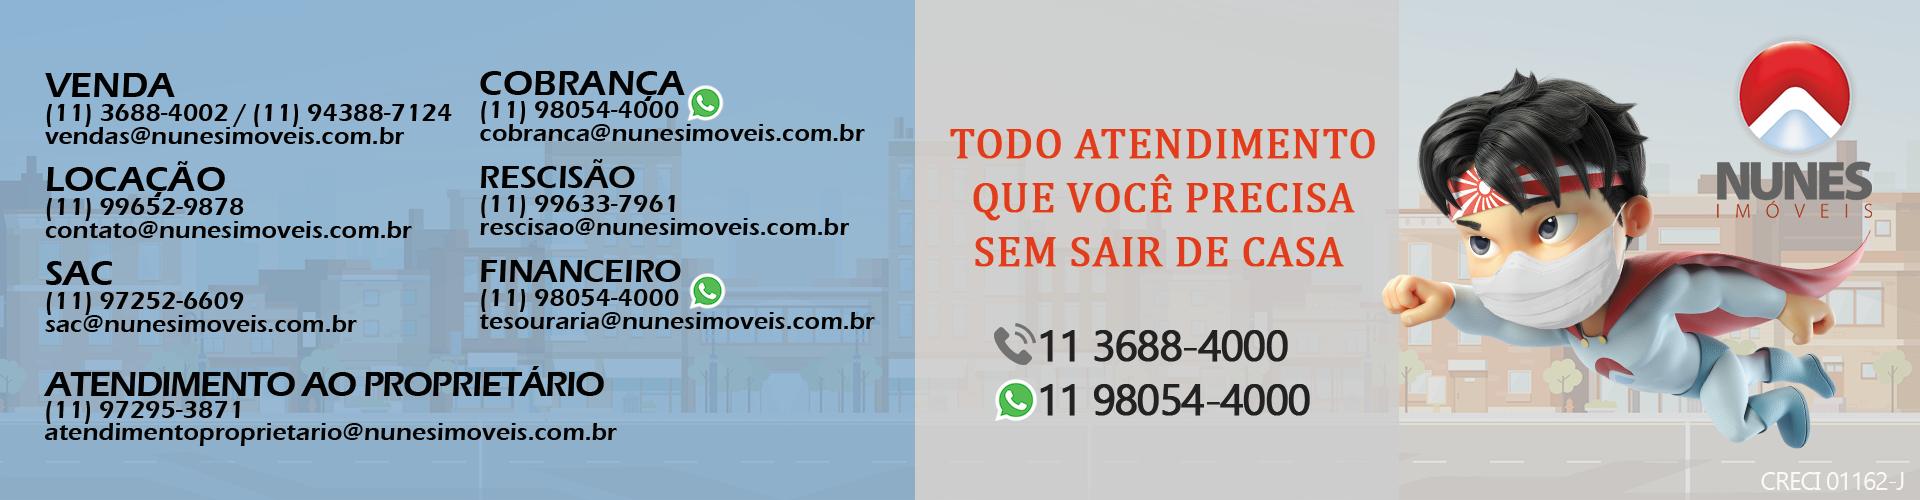 Imobiliária Nunes